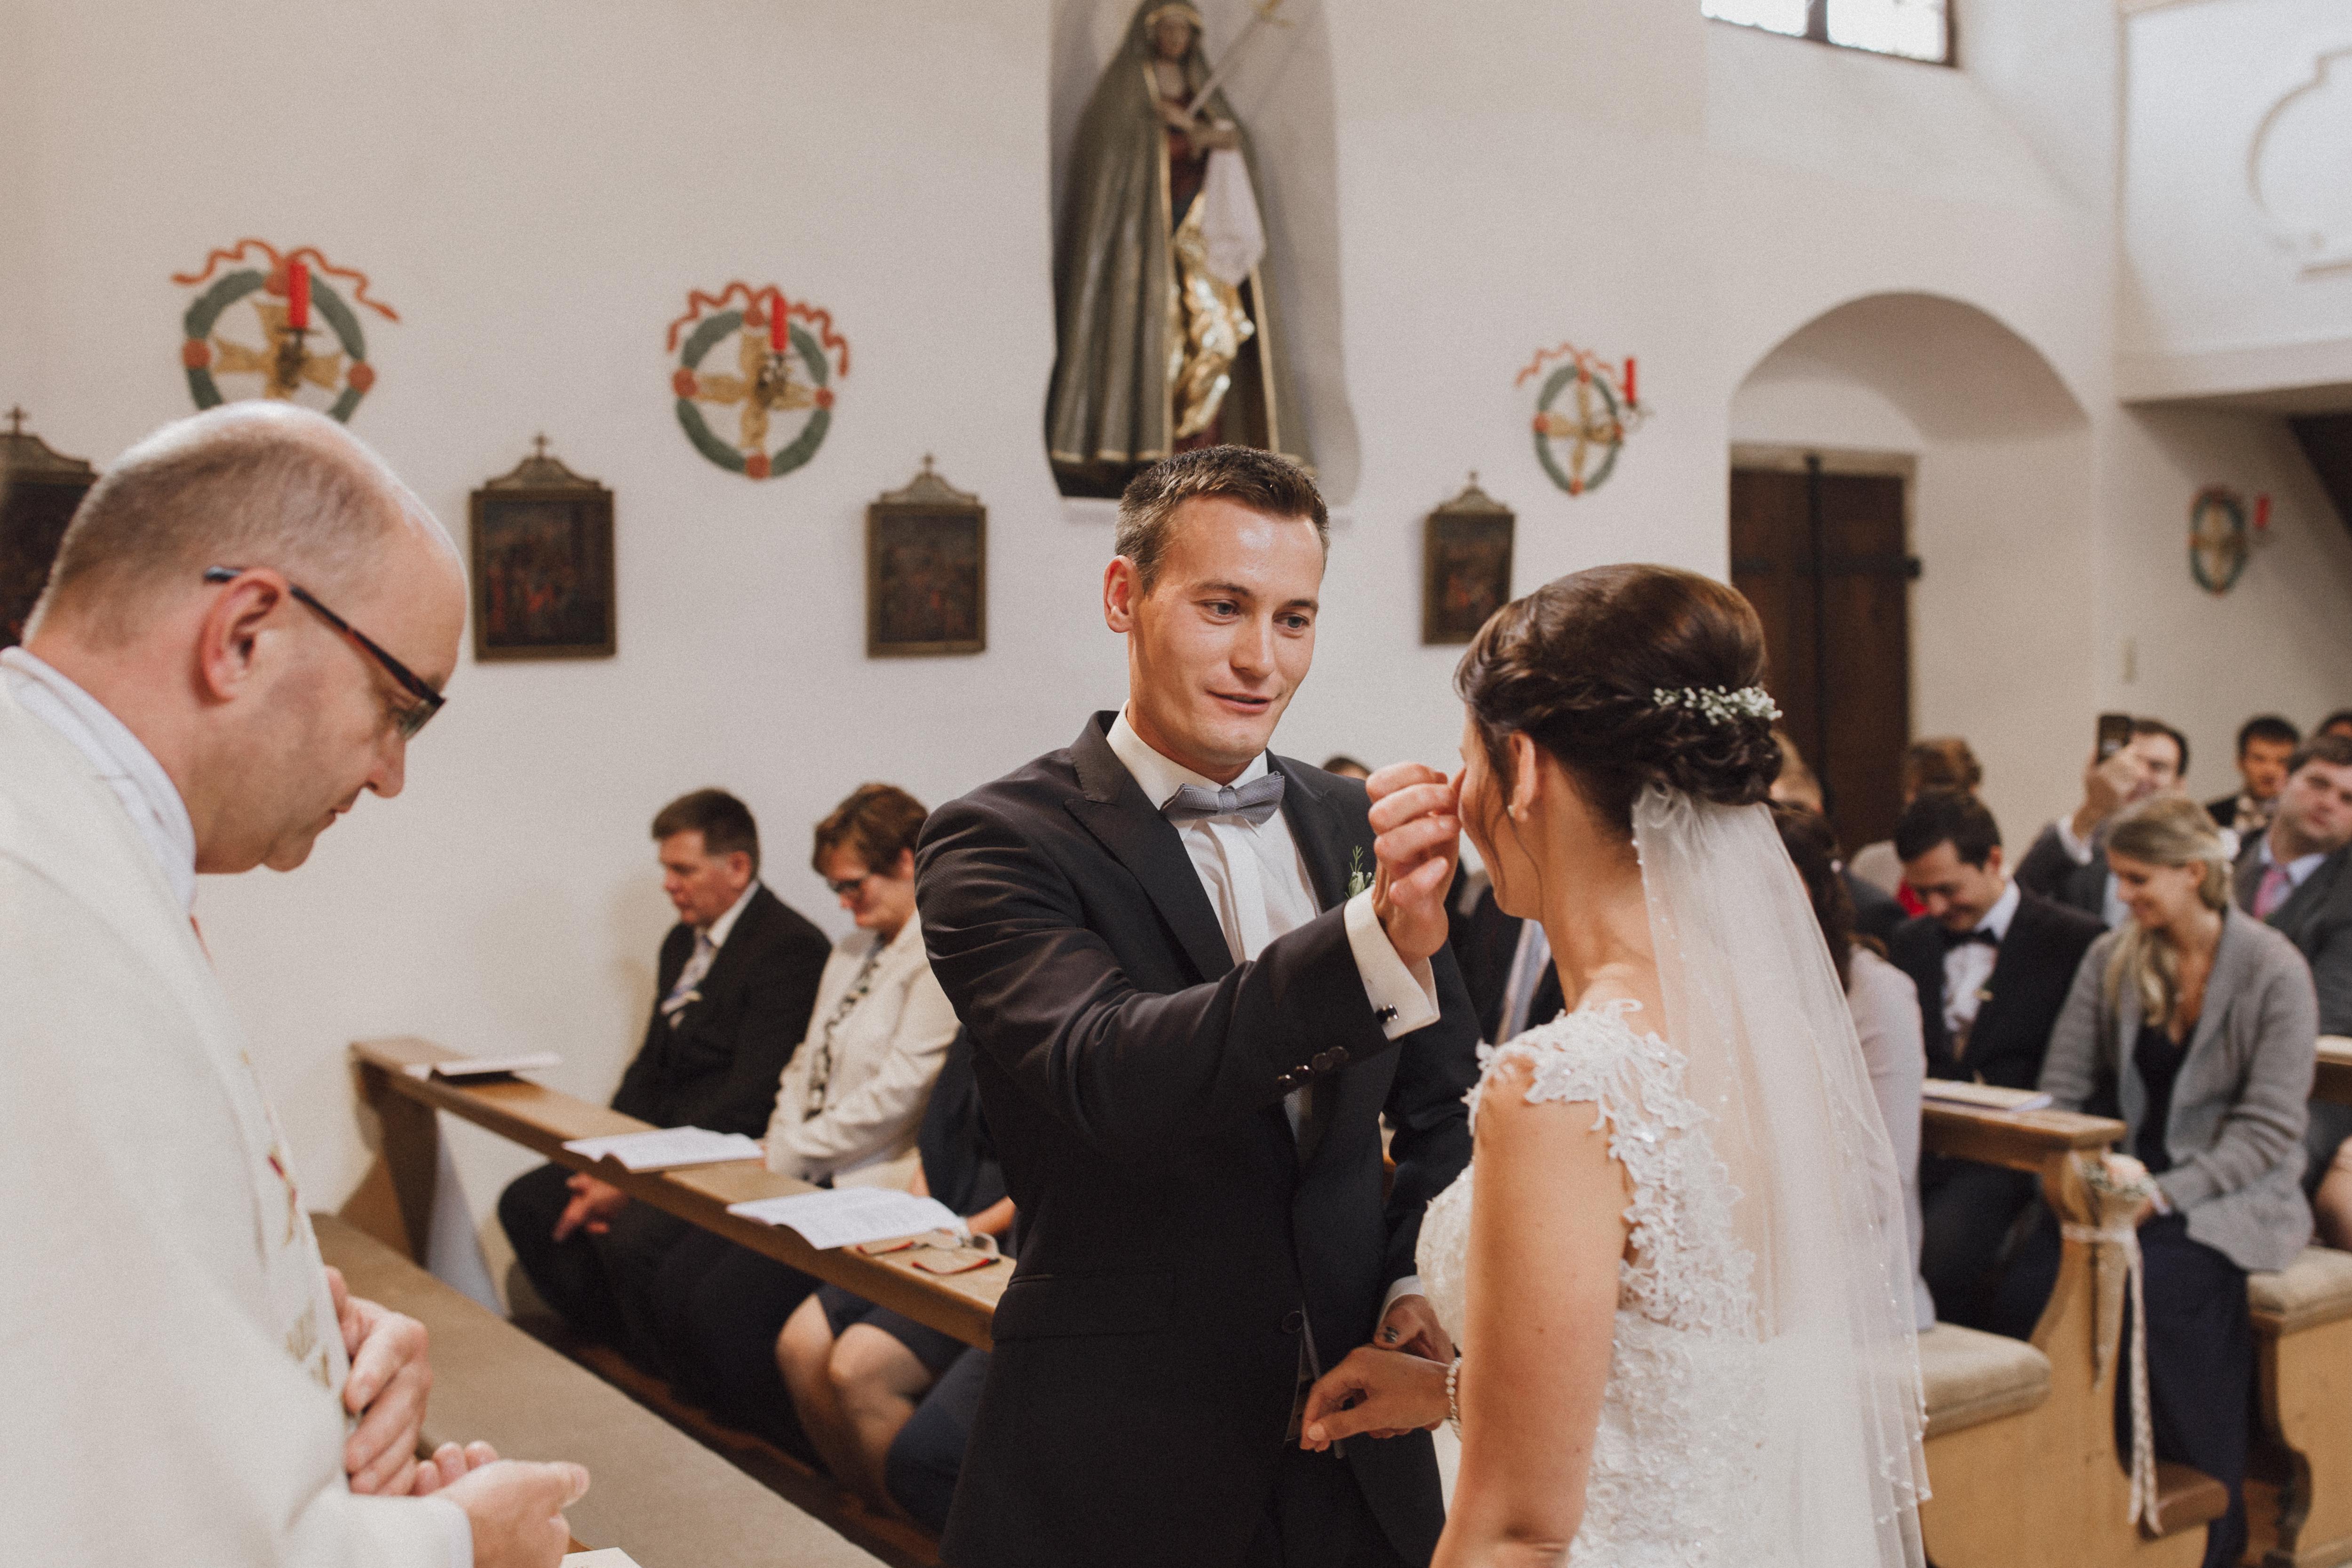 URBANERIE_Daniela_Goth_Hochzeitsfotografin_Nürnberg_Fürth_Erlangen_Schwabach_170909_0078